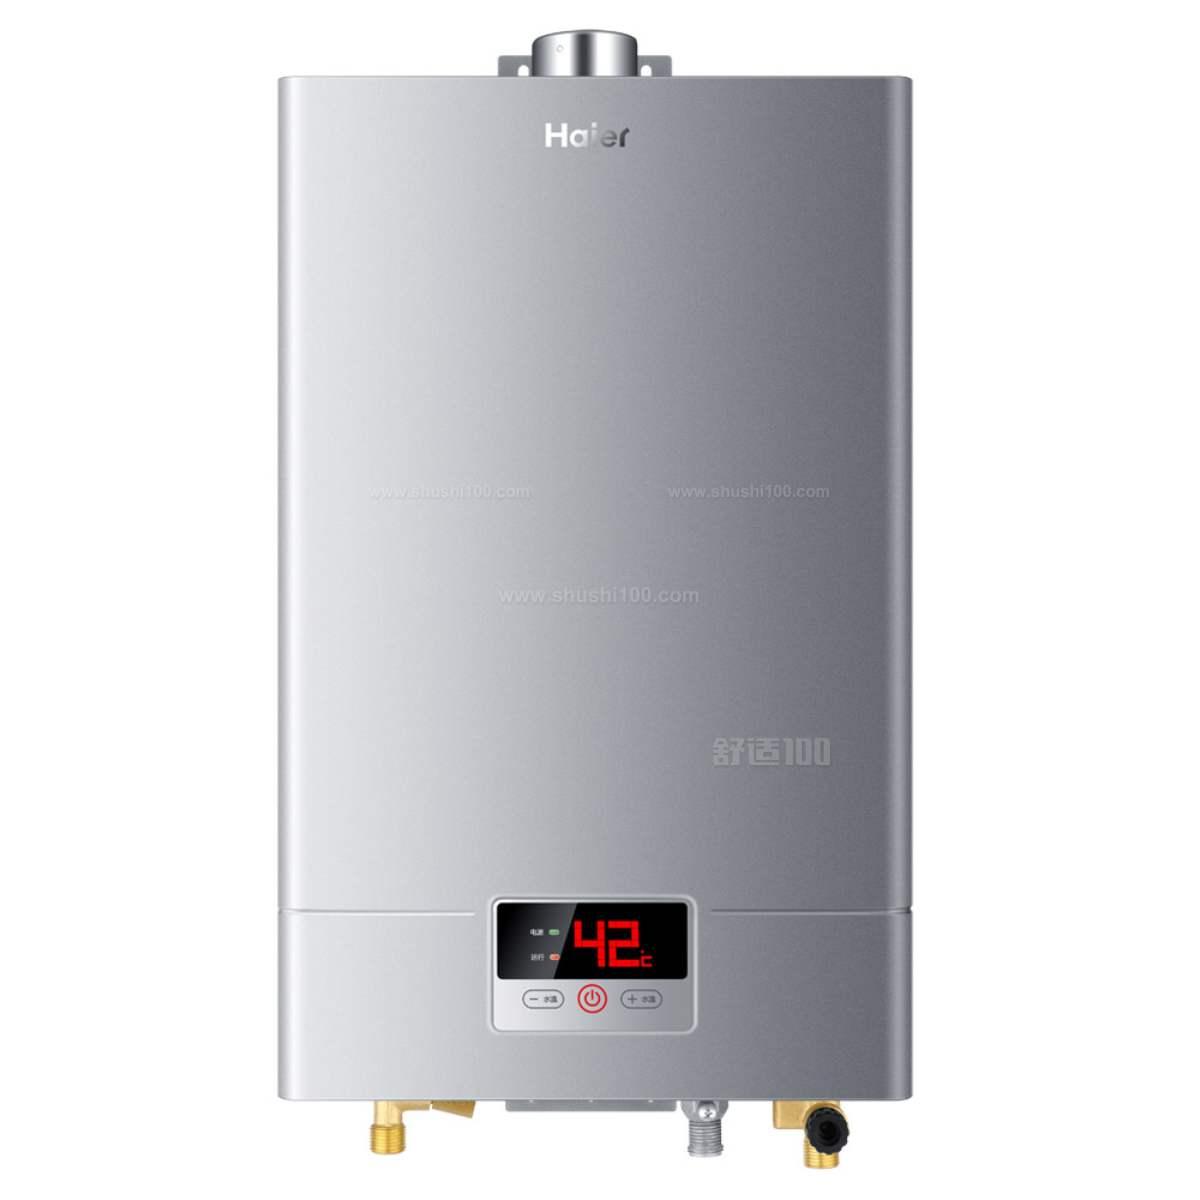 健康除氯99.99%,德意S6燃气热水器全面升级洗护体验